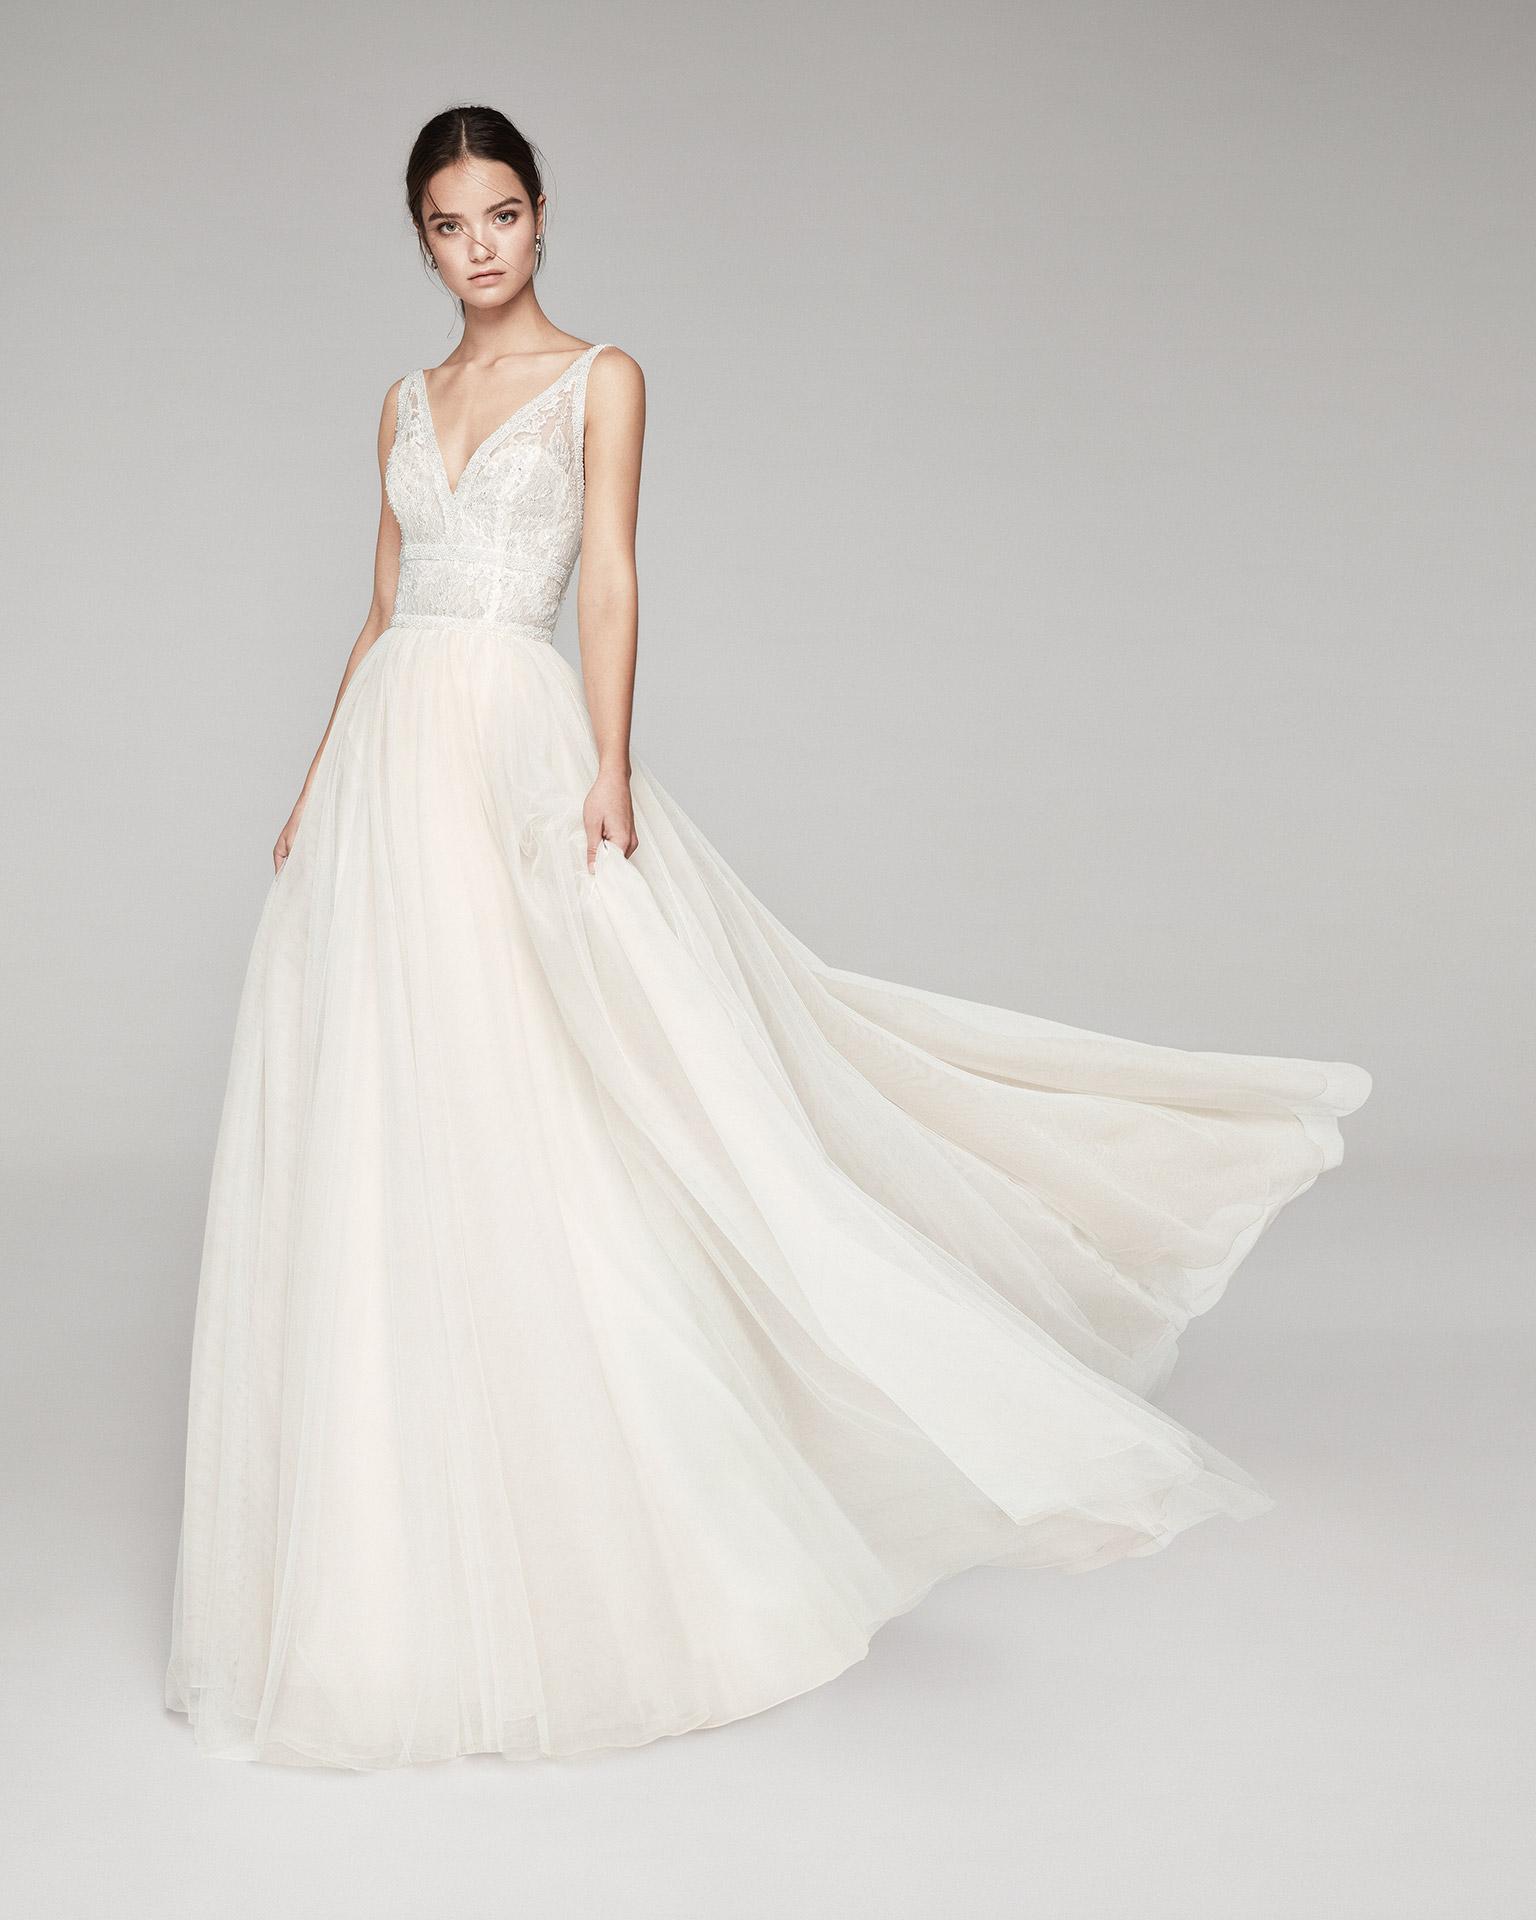 Vestido de novia romántico de tul suave, encaje y pedrería. Con escote V, espalda escotada con línea de pedrería. Disponible en color natural/nude y natural. Colección ALMANOVIA 2020.